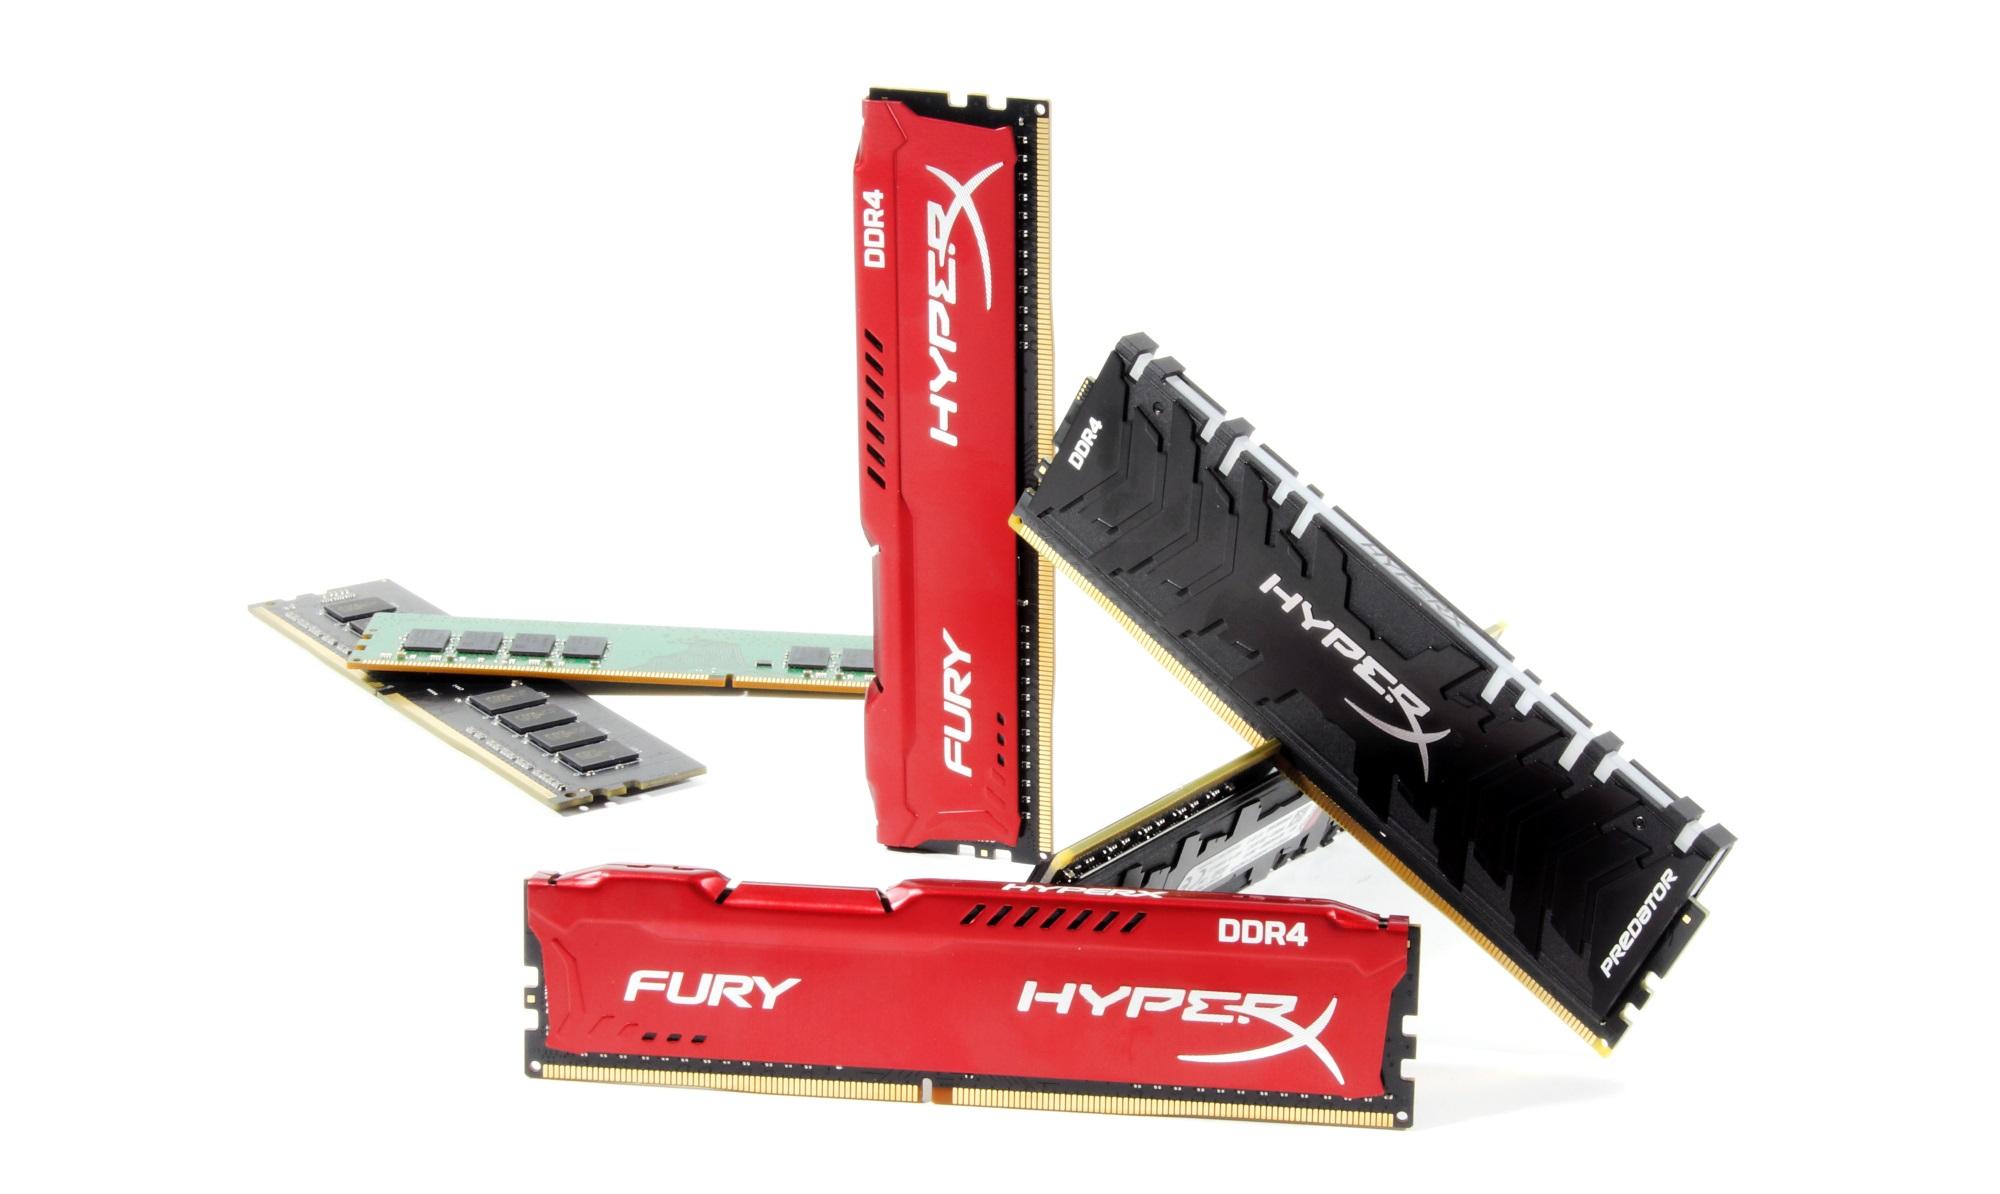 Скупой не платит дважды – настраиваем память на платформе AMD B450 и получаем бесплатную производительность - 2